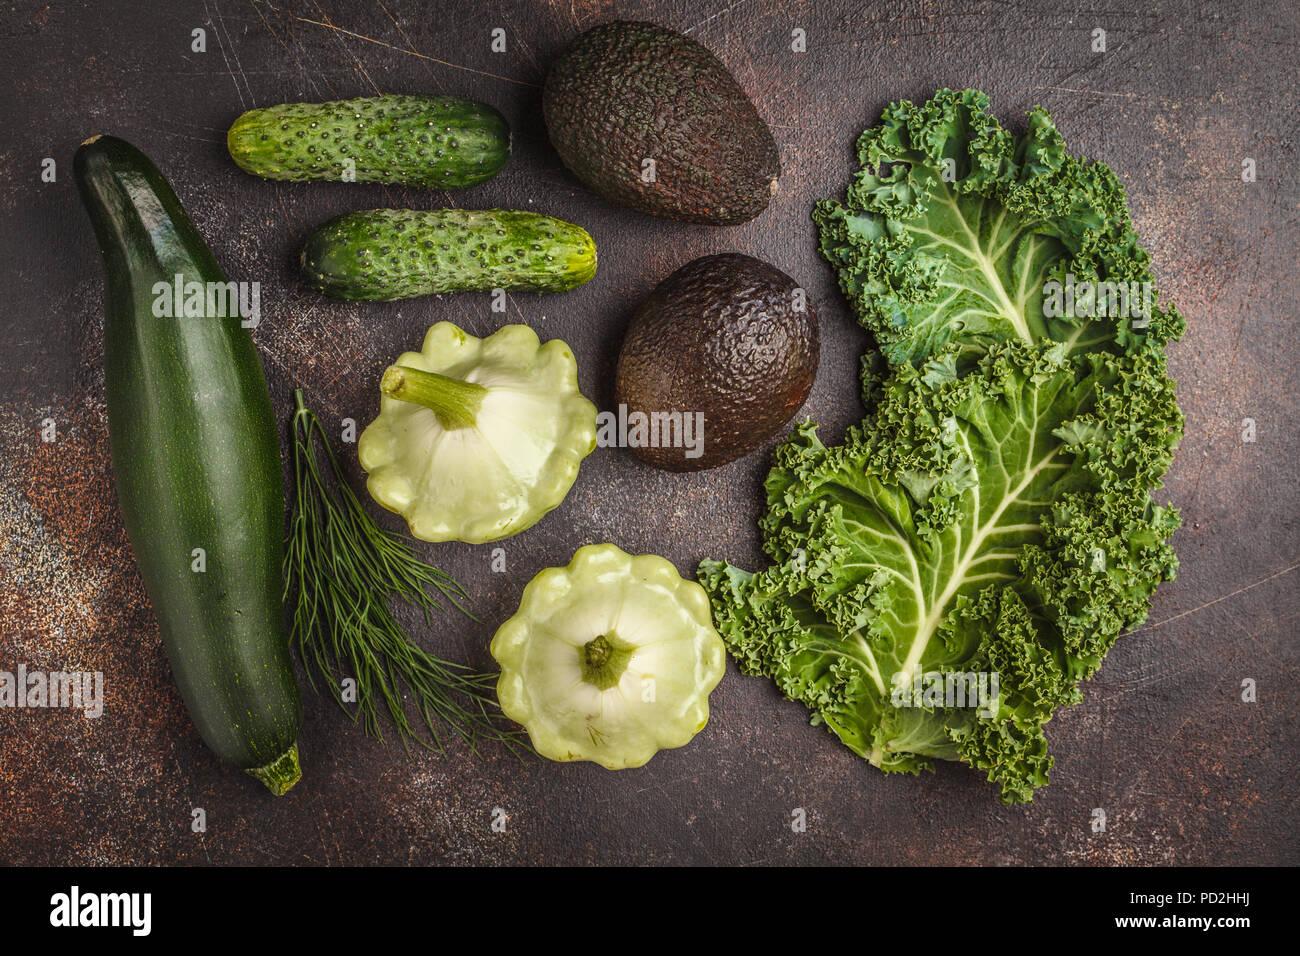 Assortimento di verdure verdi su sfondo scuro, vista dall'alto. Frutta e verdura contenente clorofilla. Immagini Stock